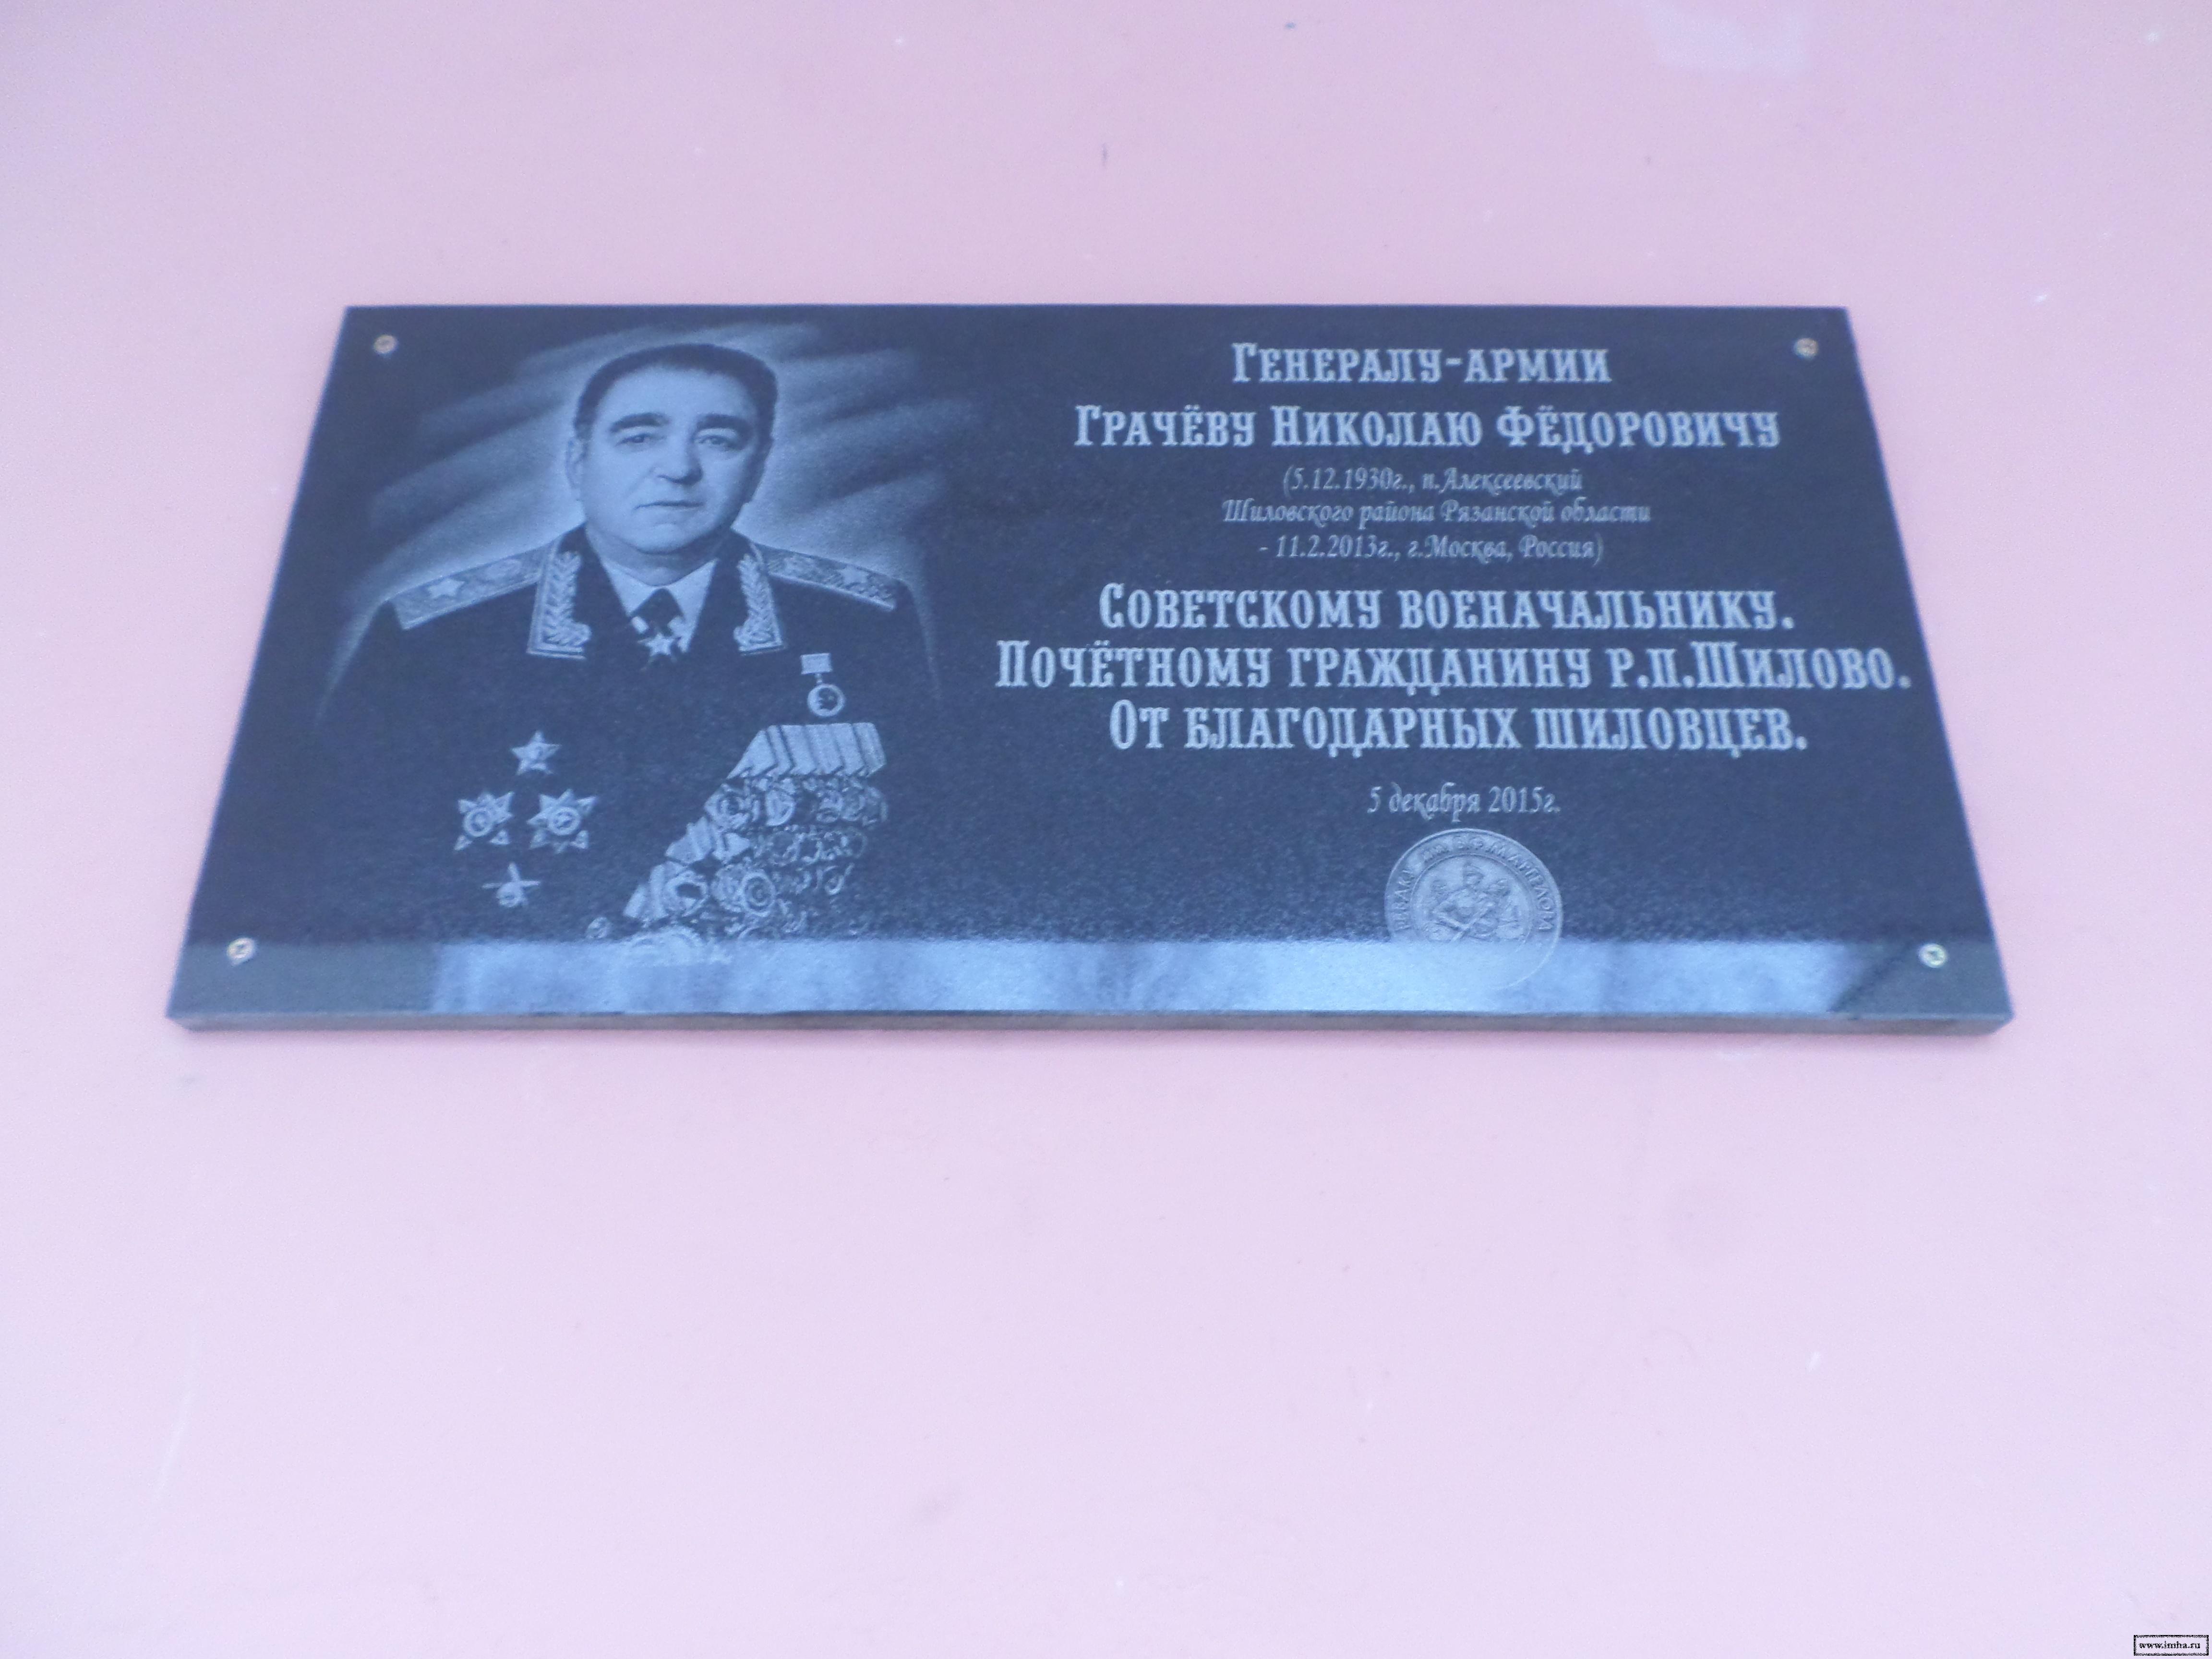 5 декабря 2015 года в Шилове Рязанской области открыта мемориальная плита генералу армии Грачеву Николаю Федоровичу – советскому военачальнику, Почетному гражданину р.п.Шилово.